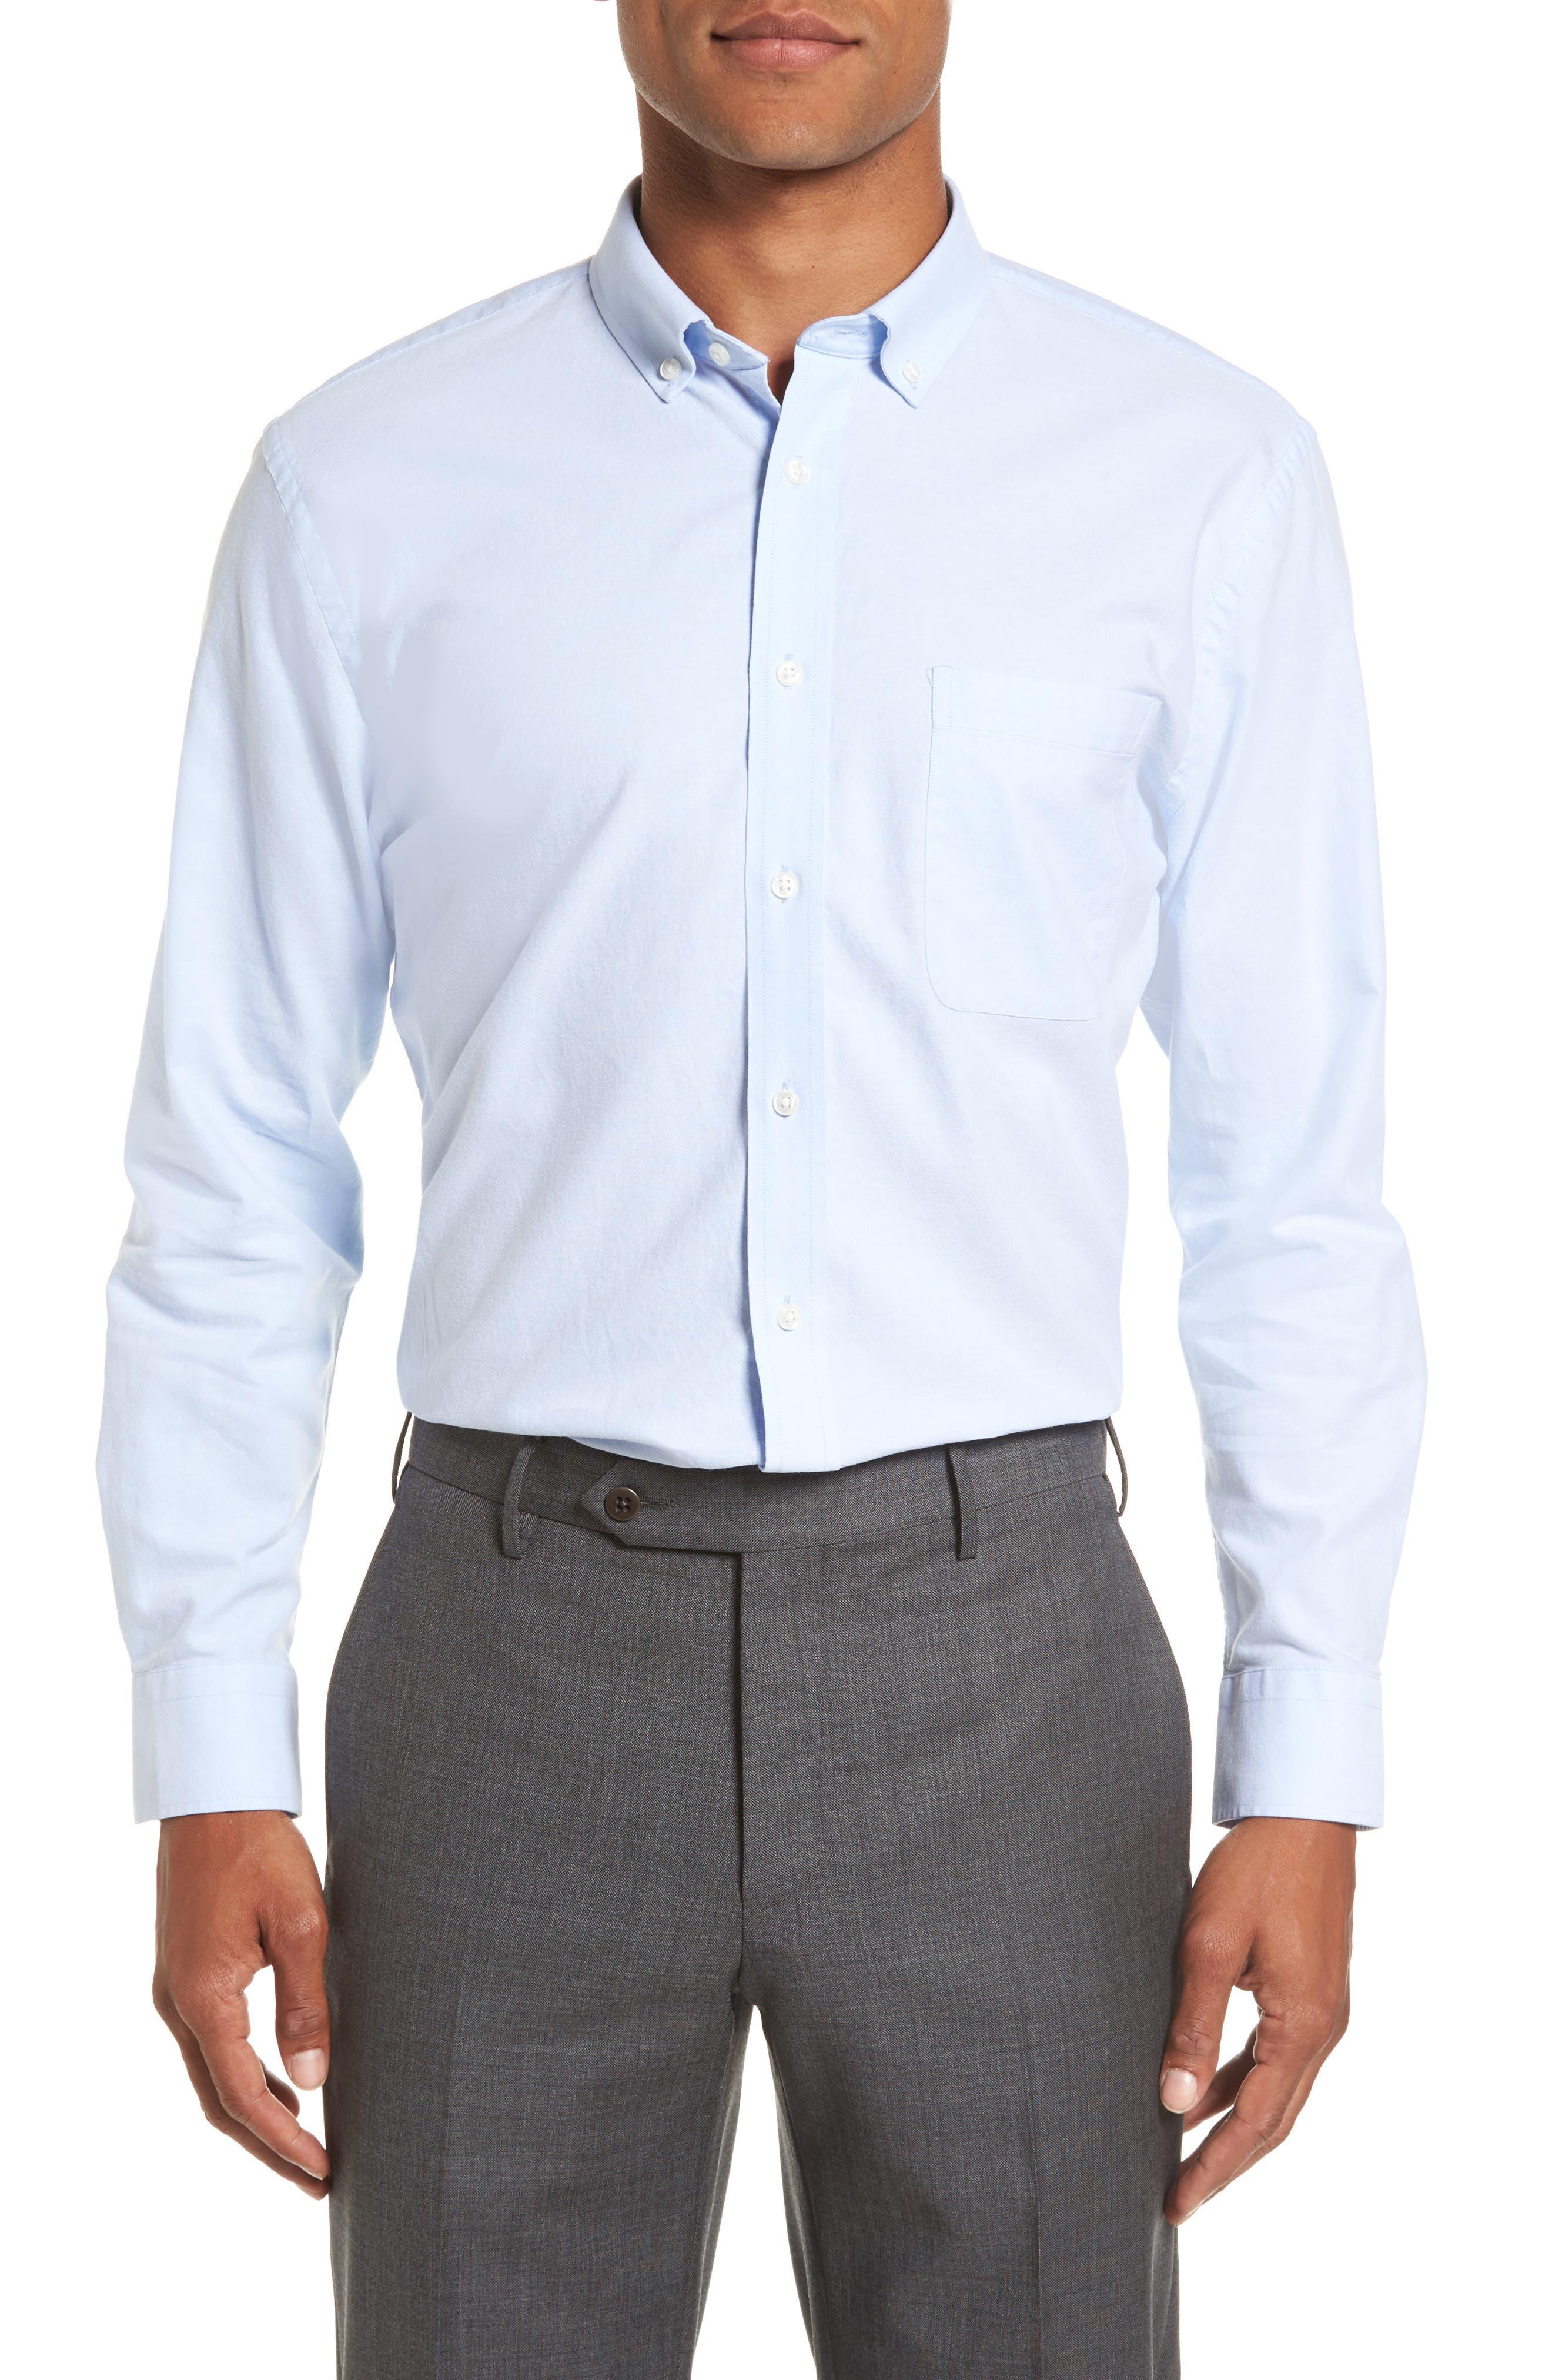 Alternate Image 2  - Nordstrom Men's Shop Trim Fit Solid Oxford Dress Shirt